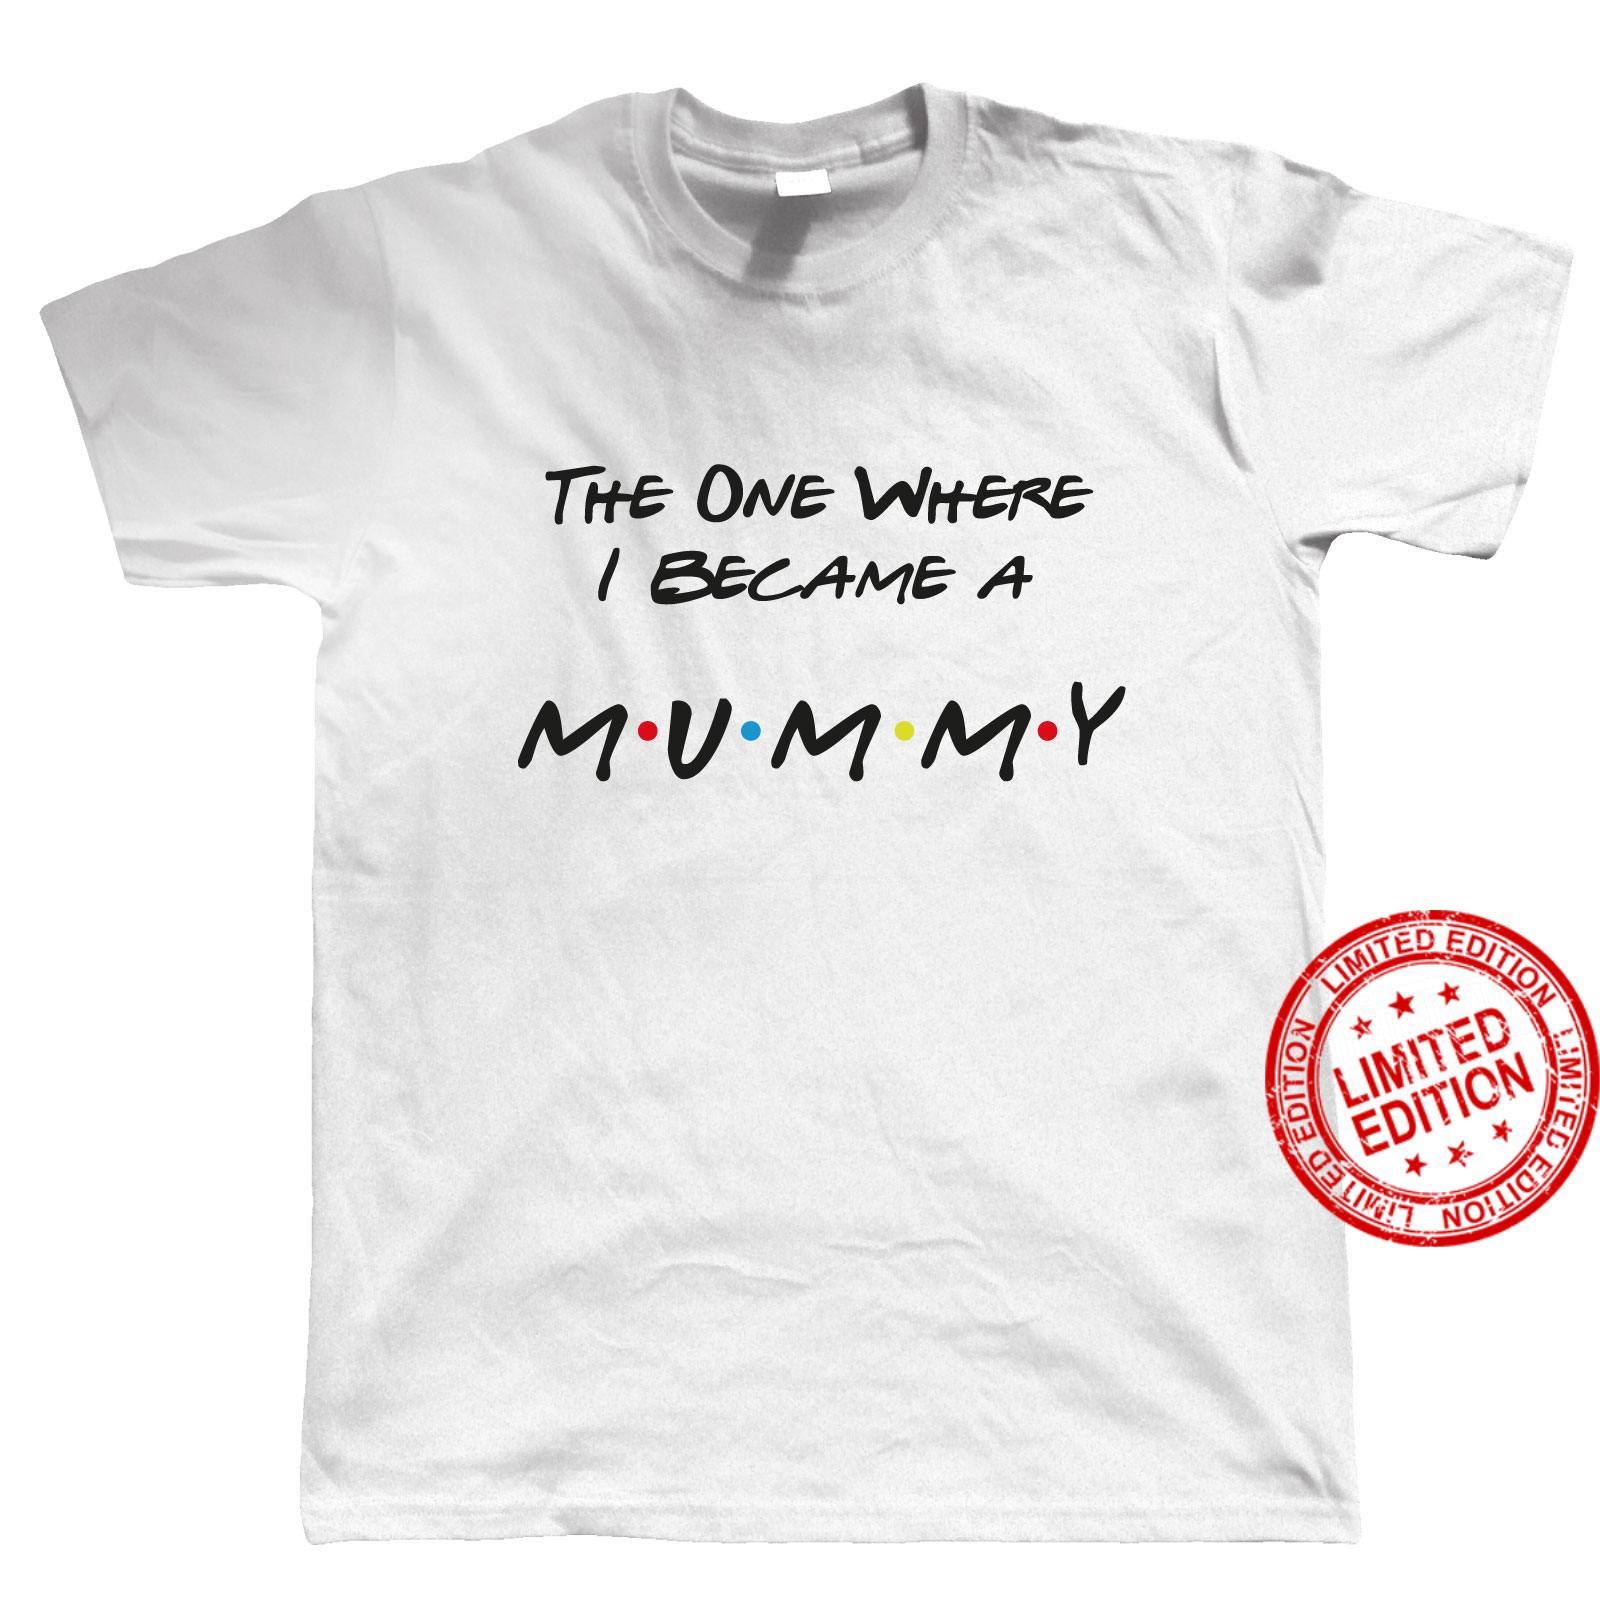 The One Where I Became A Mummy Mens Shirt